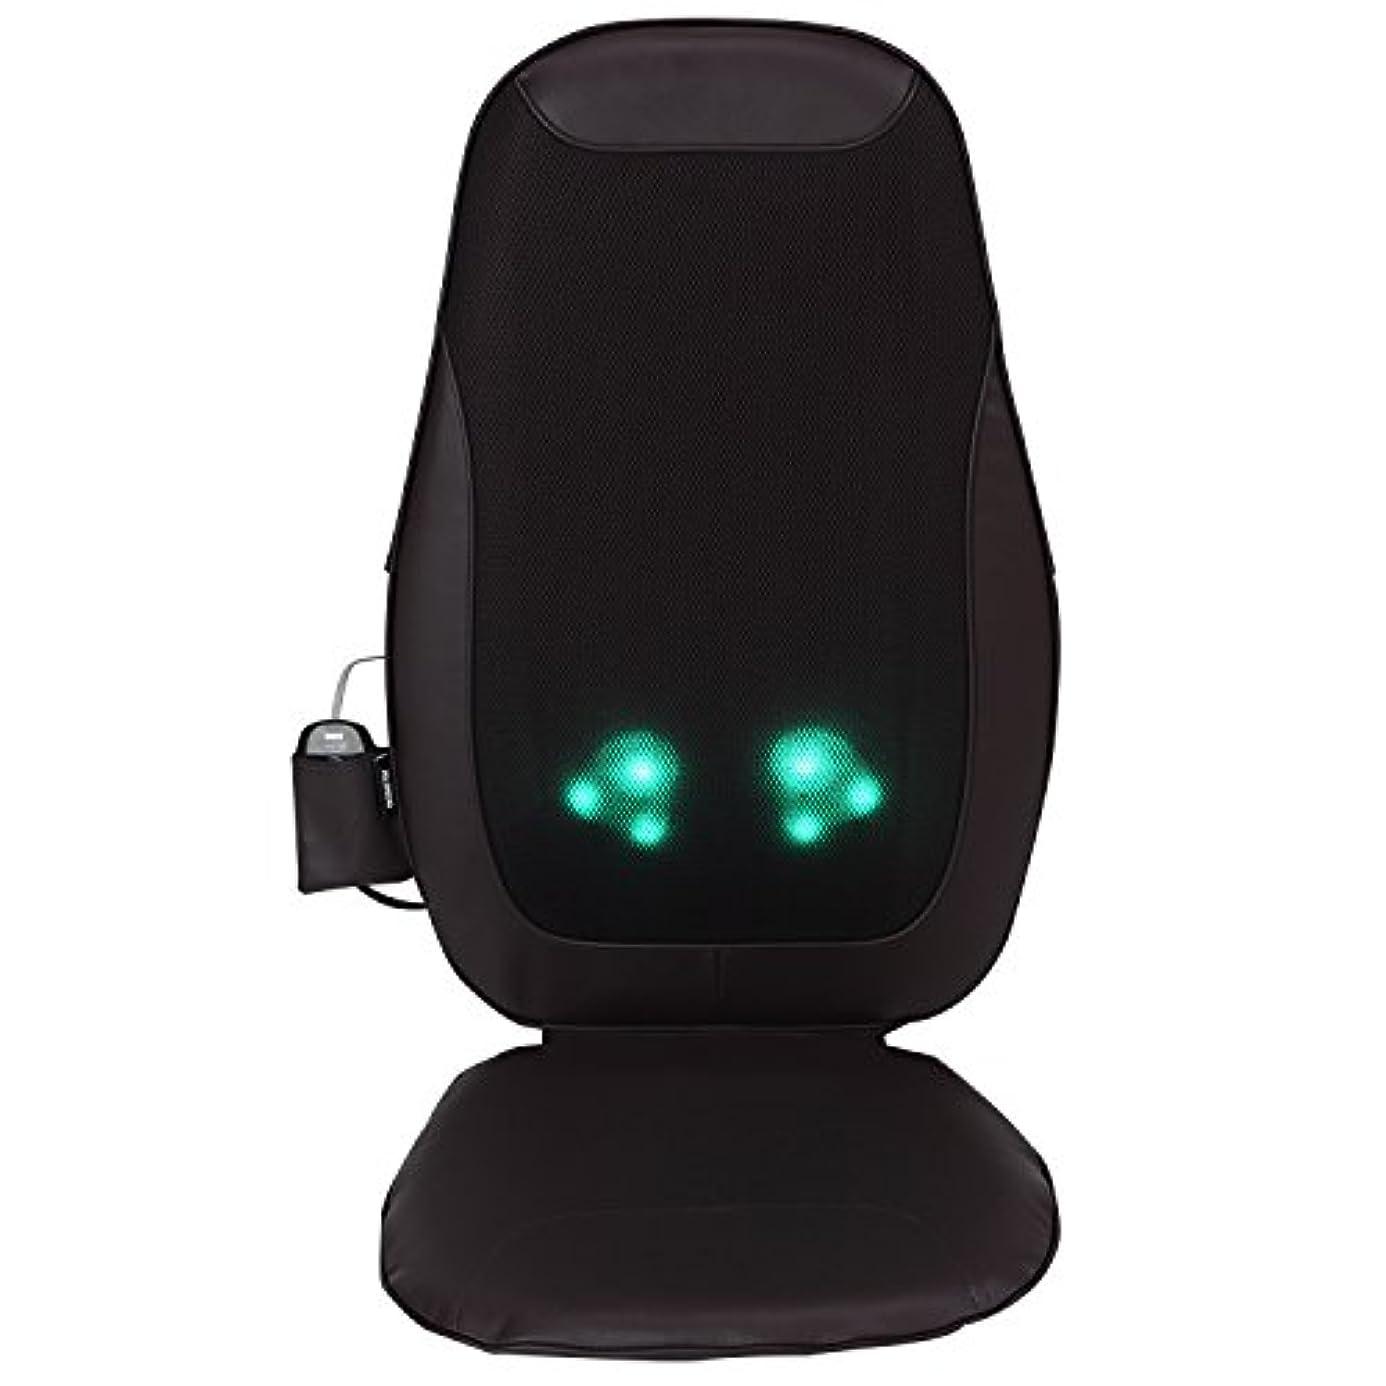 仮装提供ステートメントALINCO(アルインコ) シートマッサージャー ヒーター搭載 どこでもマッサージャー モミっくす Re?フレッシュ MCR2216(T)